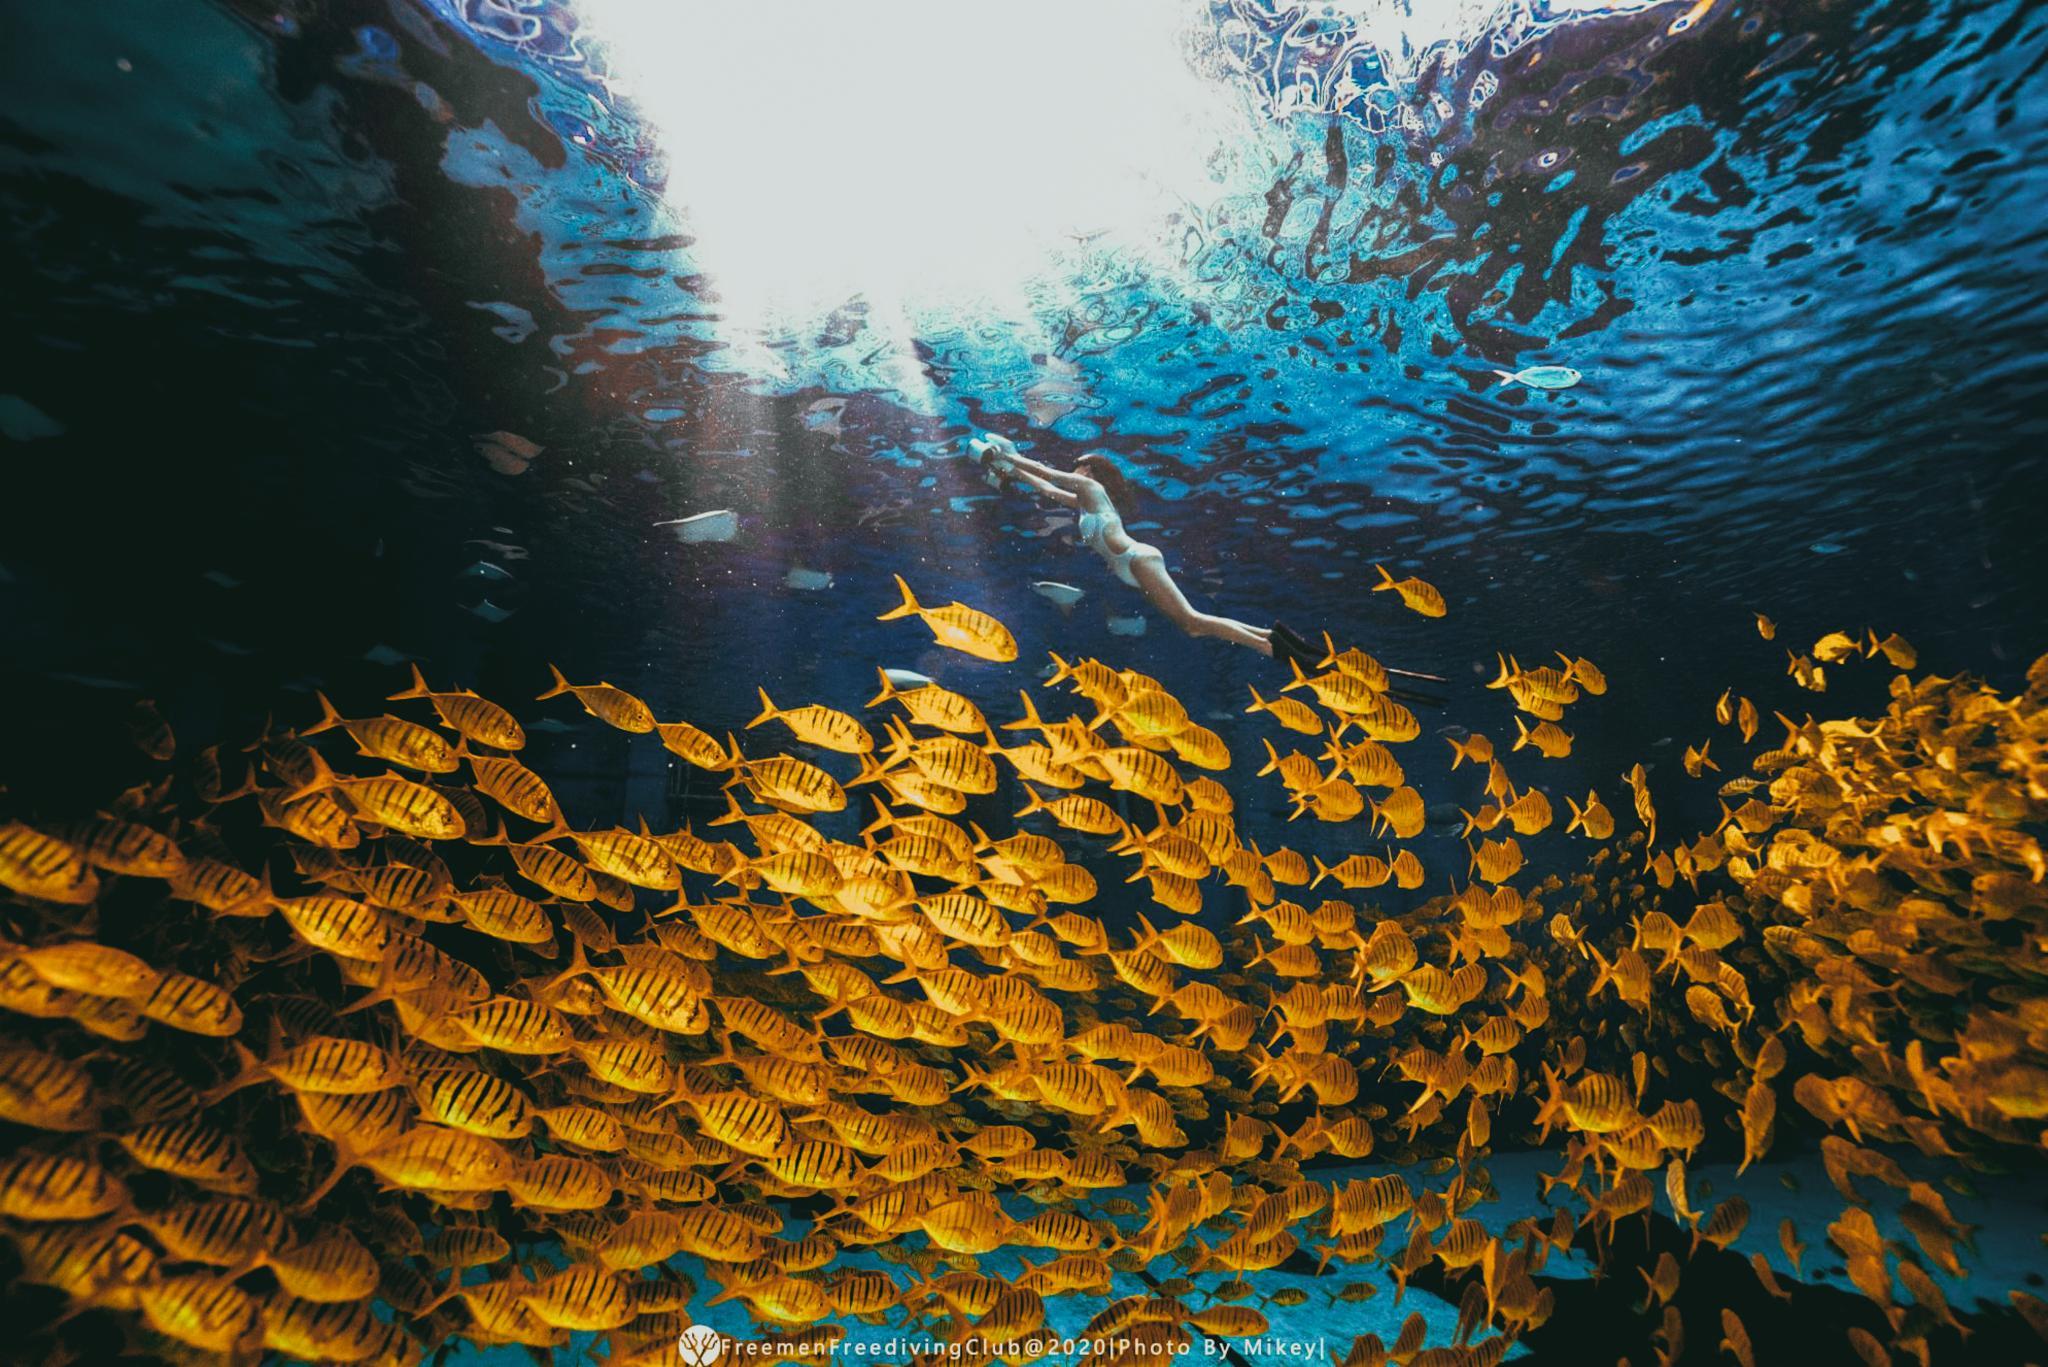 来一次小众海南游,轻松GET自由潜+水下摄影🧜♀️